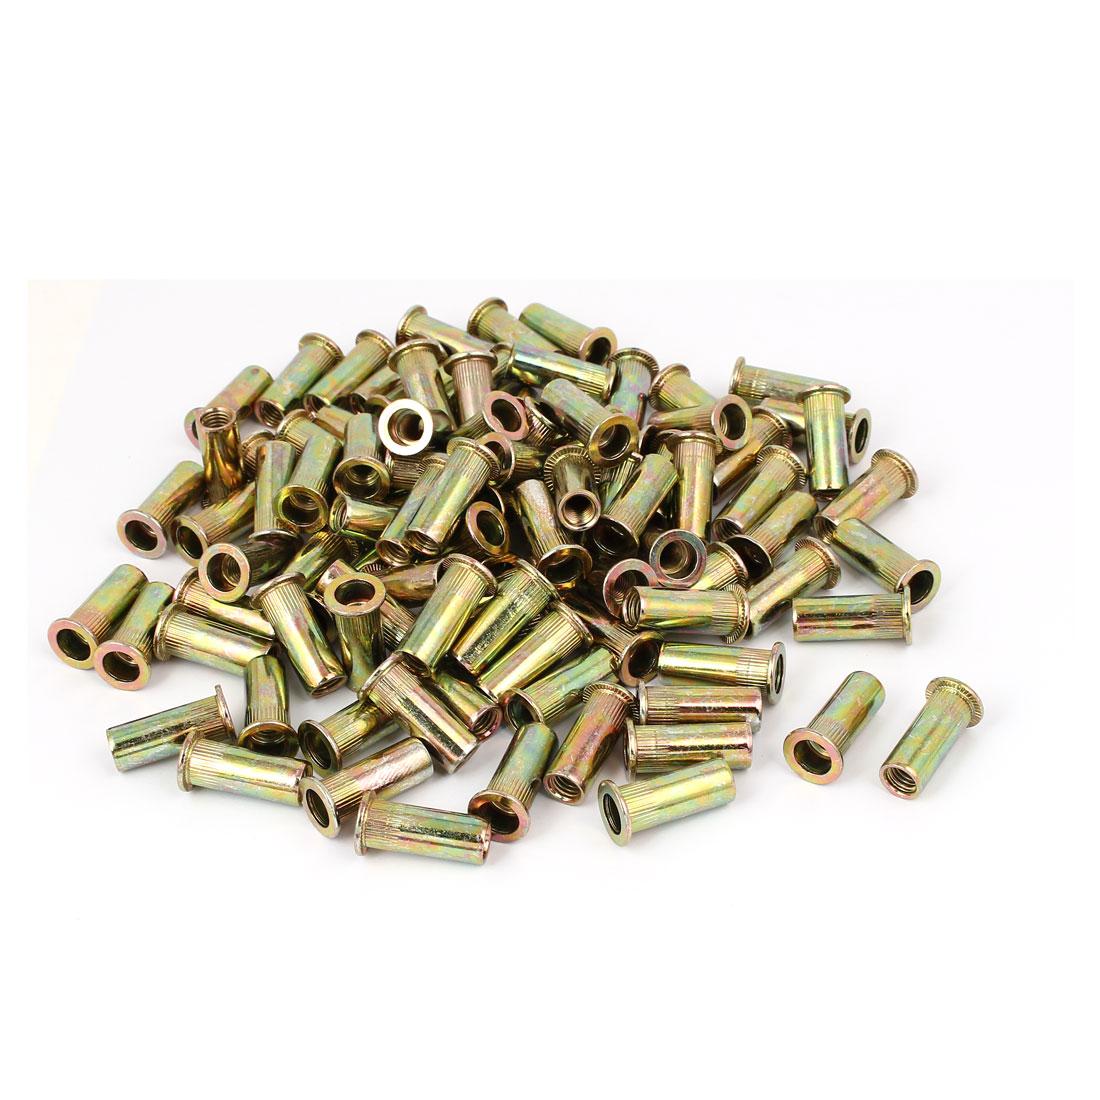 M8-x-28mm-Knurled-Open-Ended-Blind-Rivet-Nut-Insert-Nutsert-100PCS